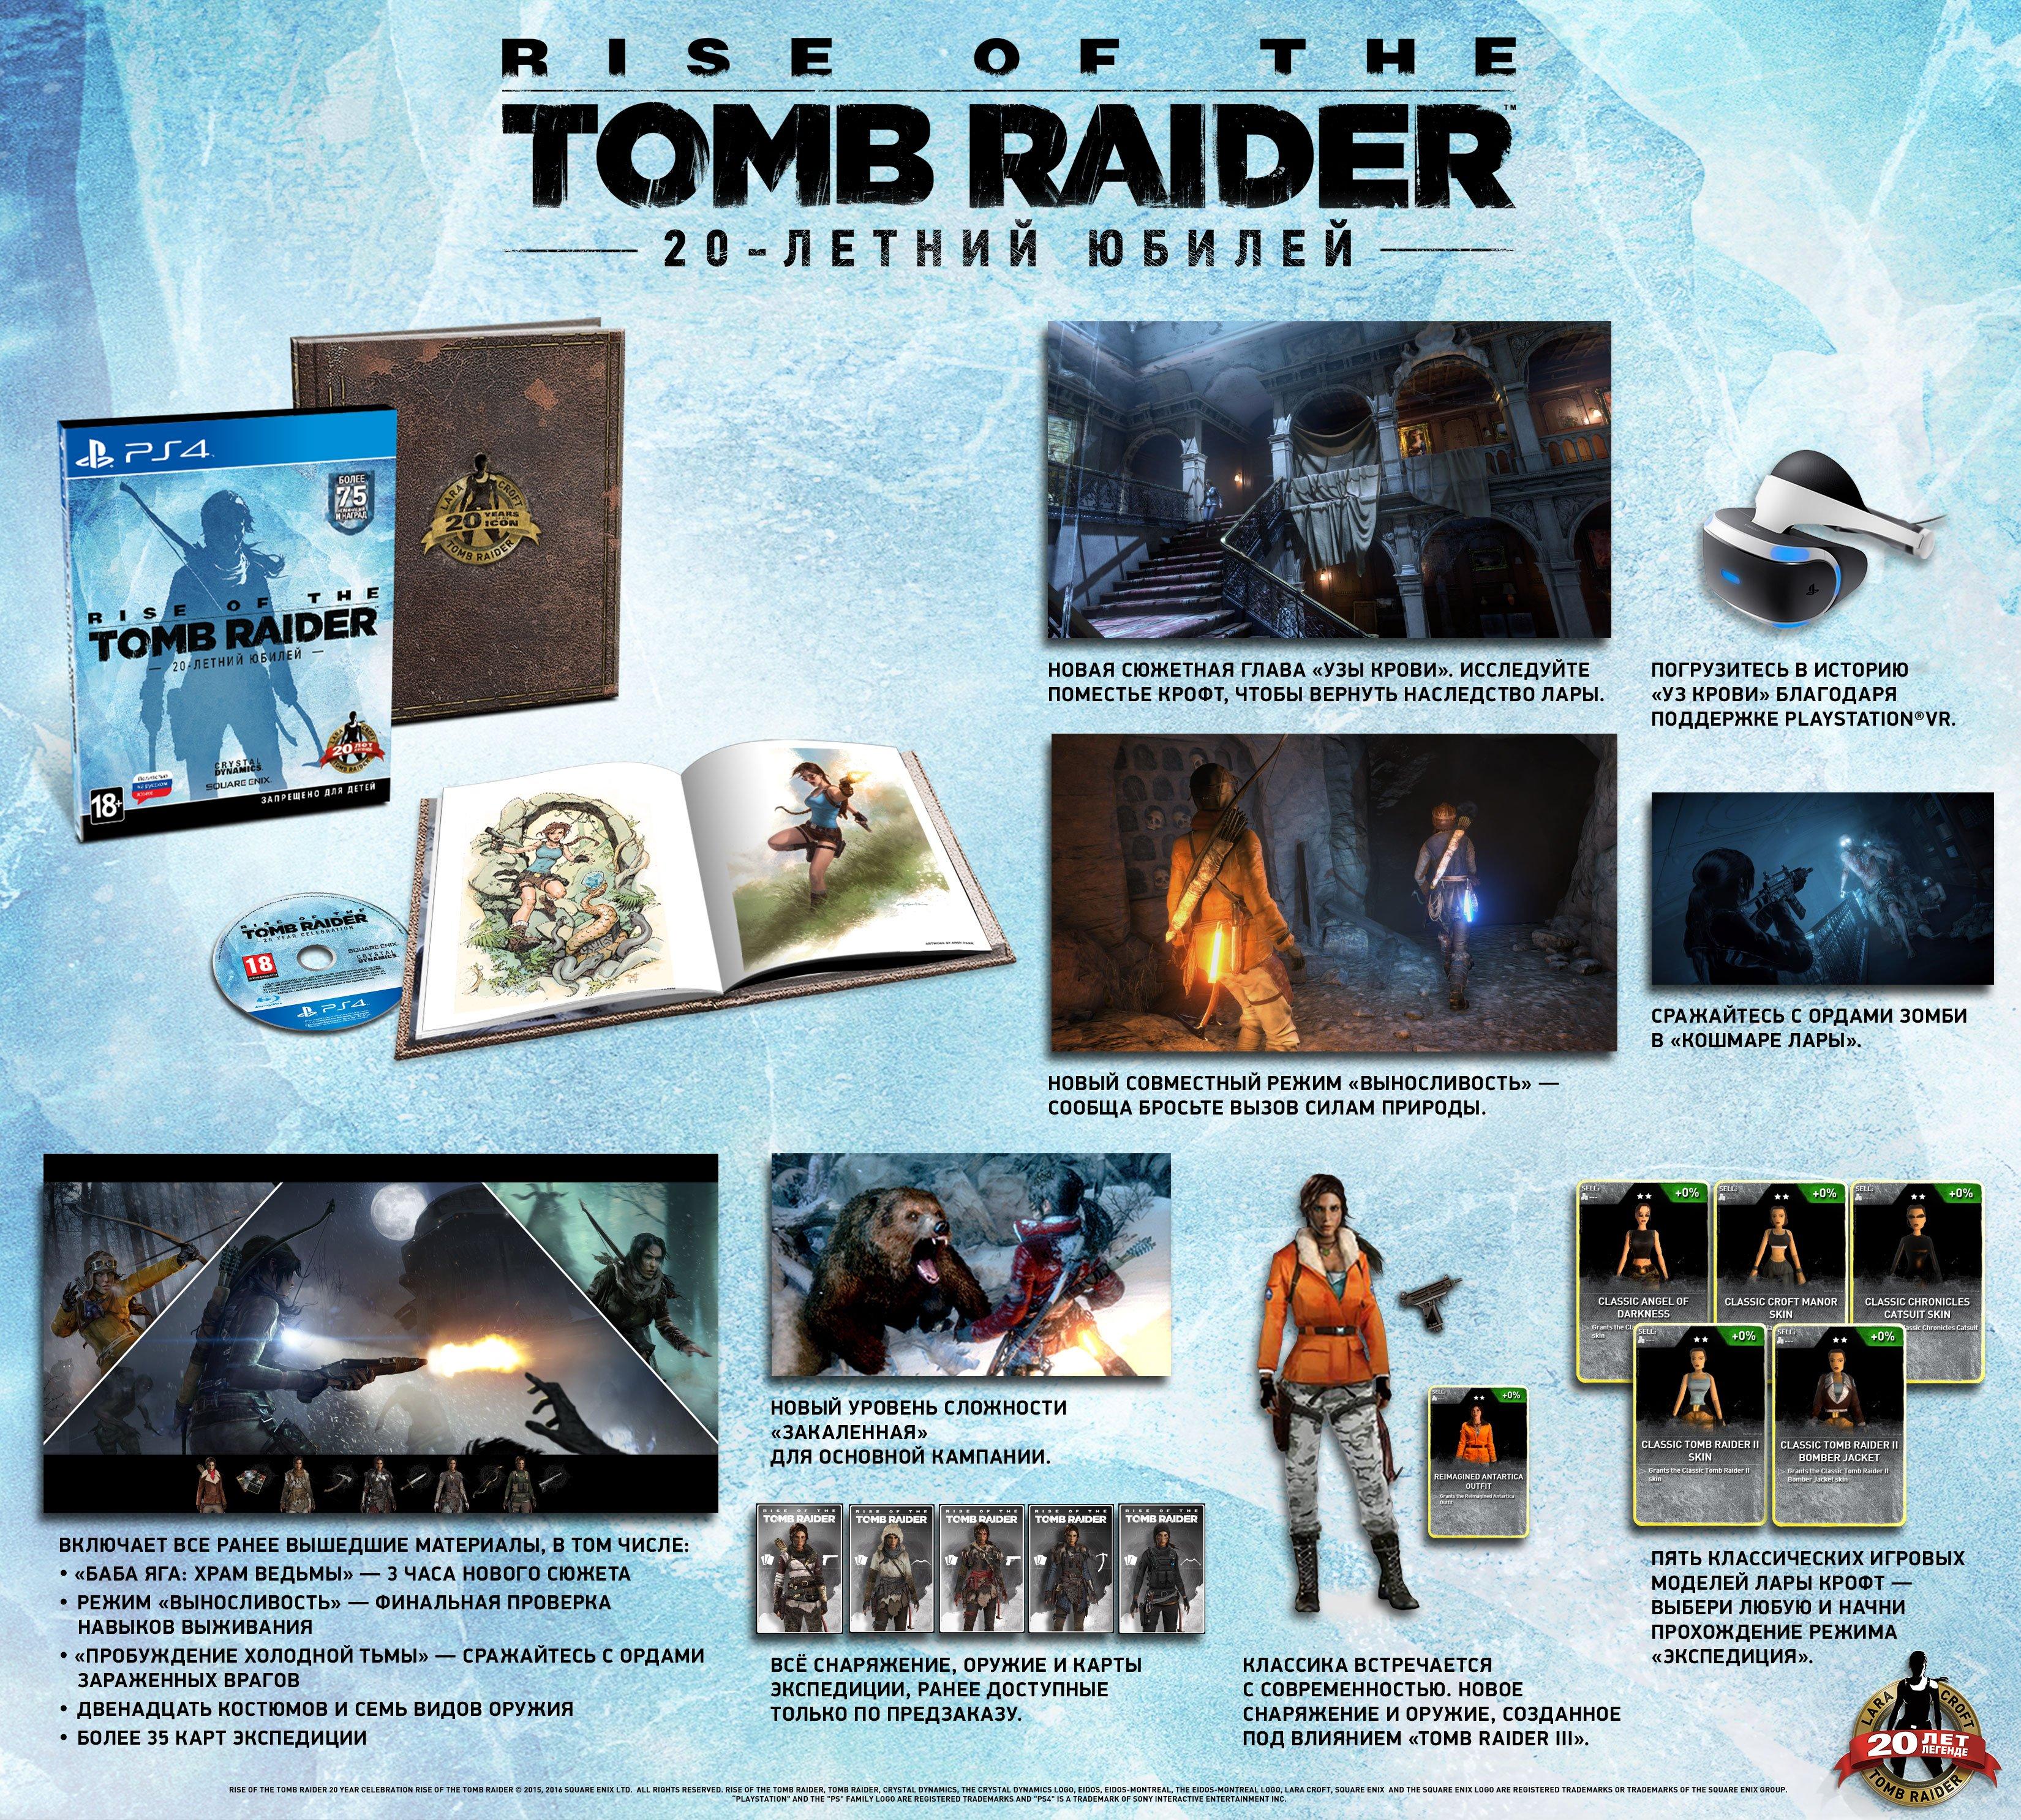 Юбилейное издание Rise of the Tomb Raider для PlayStation 4 появится в продаже 25 октября 2016 года. - Изображение 2